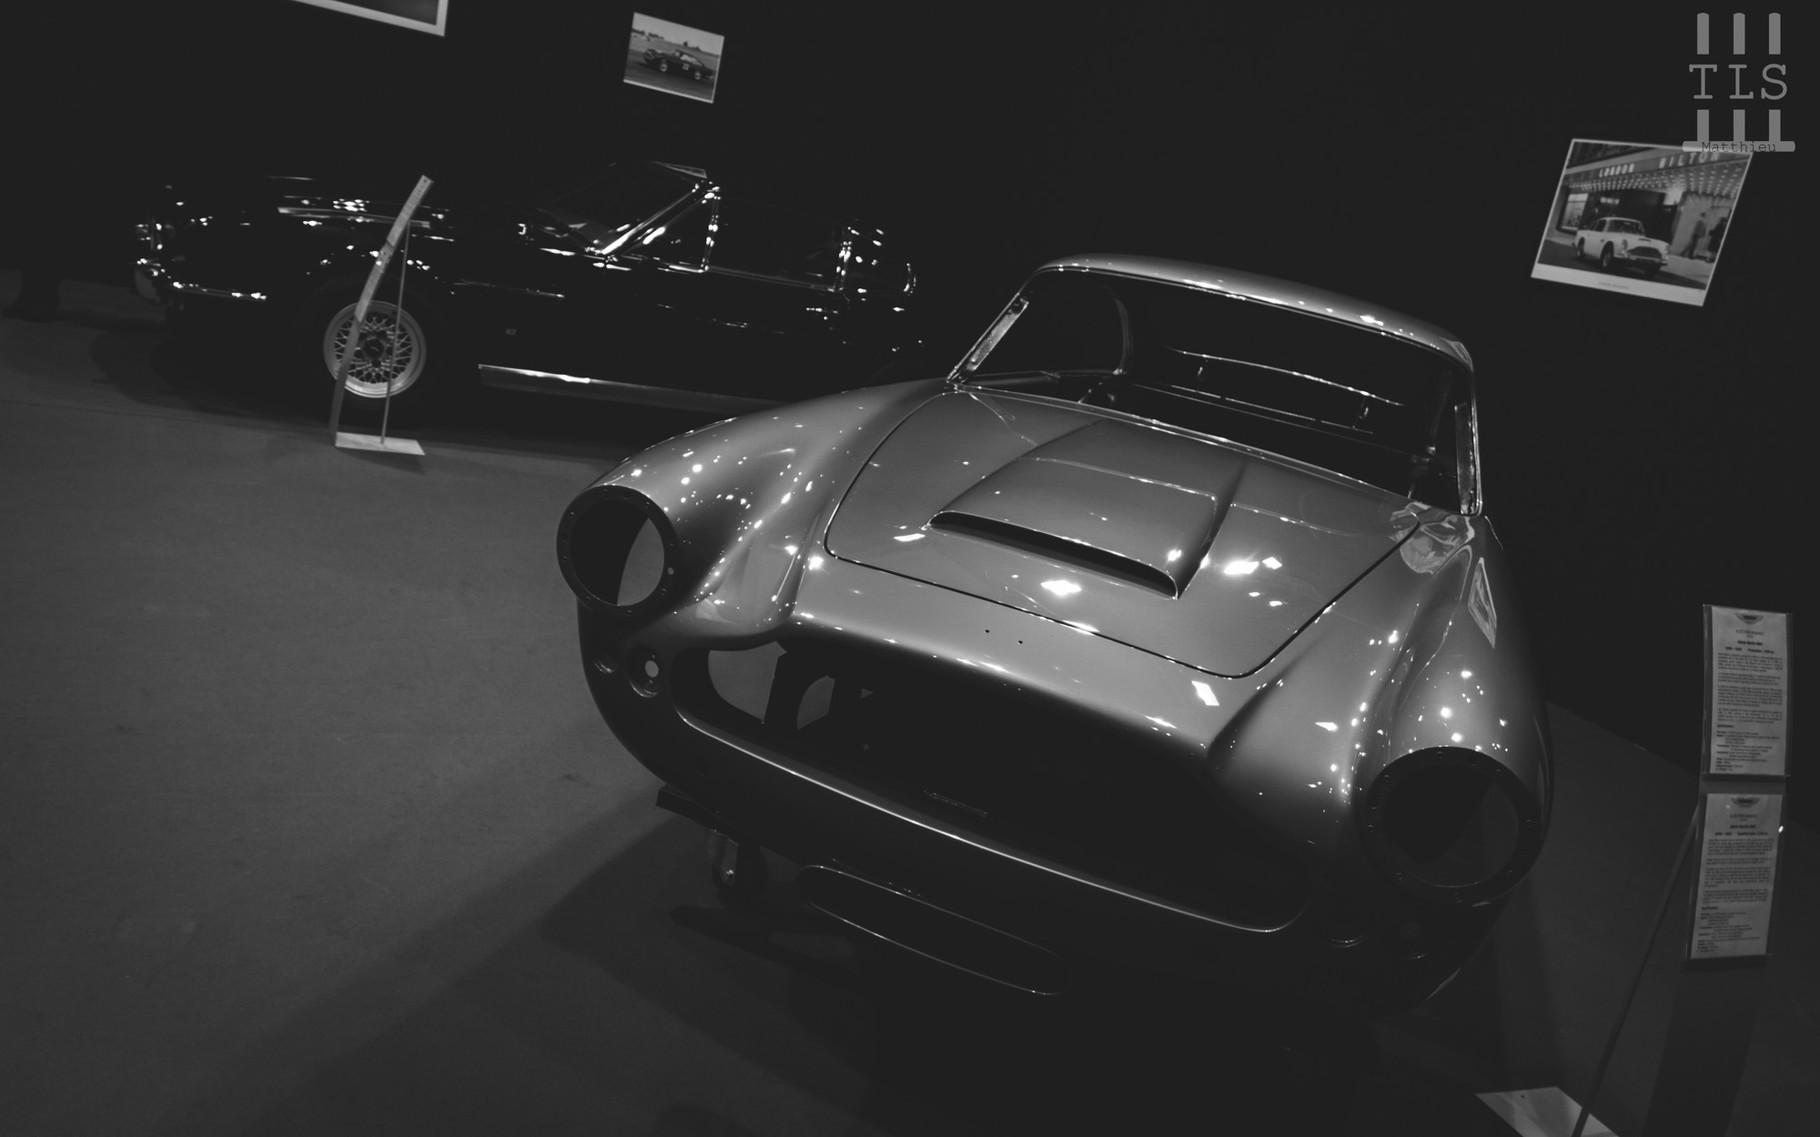 Une autre auto qui effectue elle aussi une trève le temps du salon : ce n'est pas un soucis, cette Aston Martin DB4 sera prochainement superbe, on n'en doute pas !